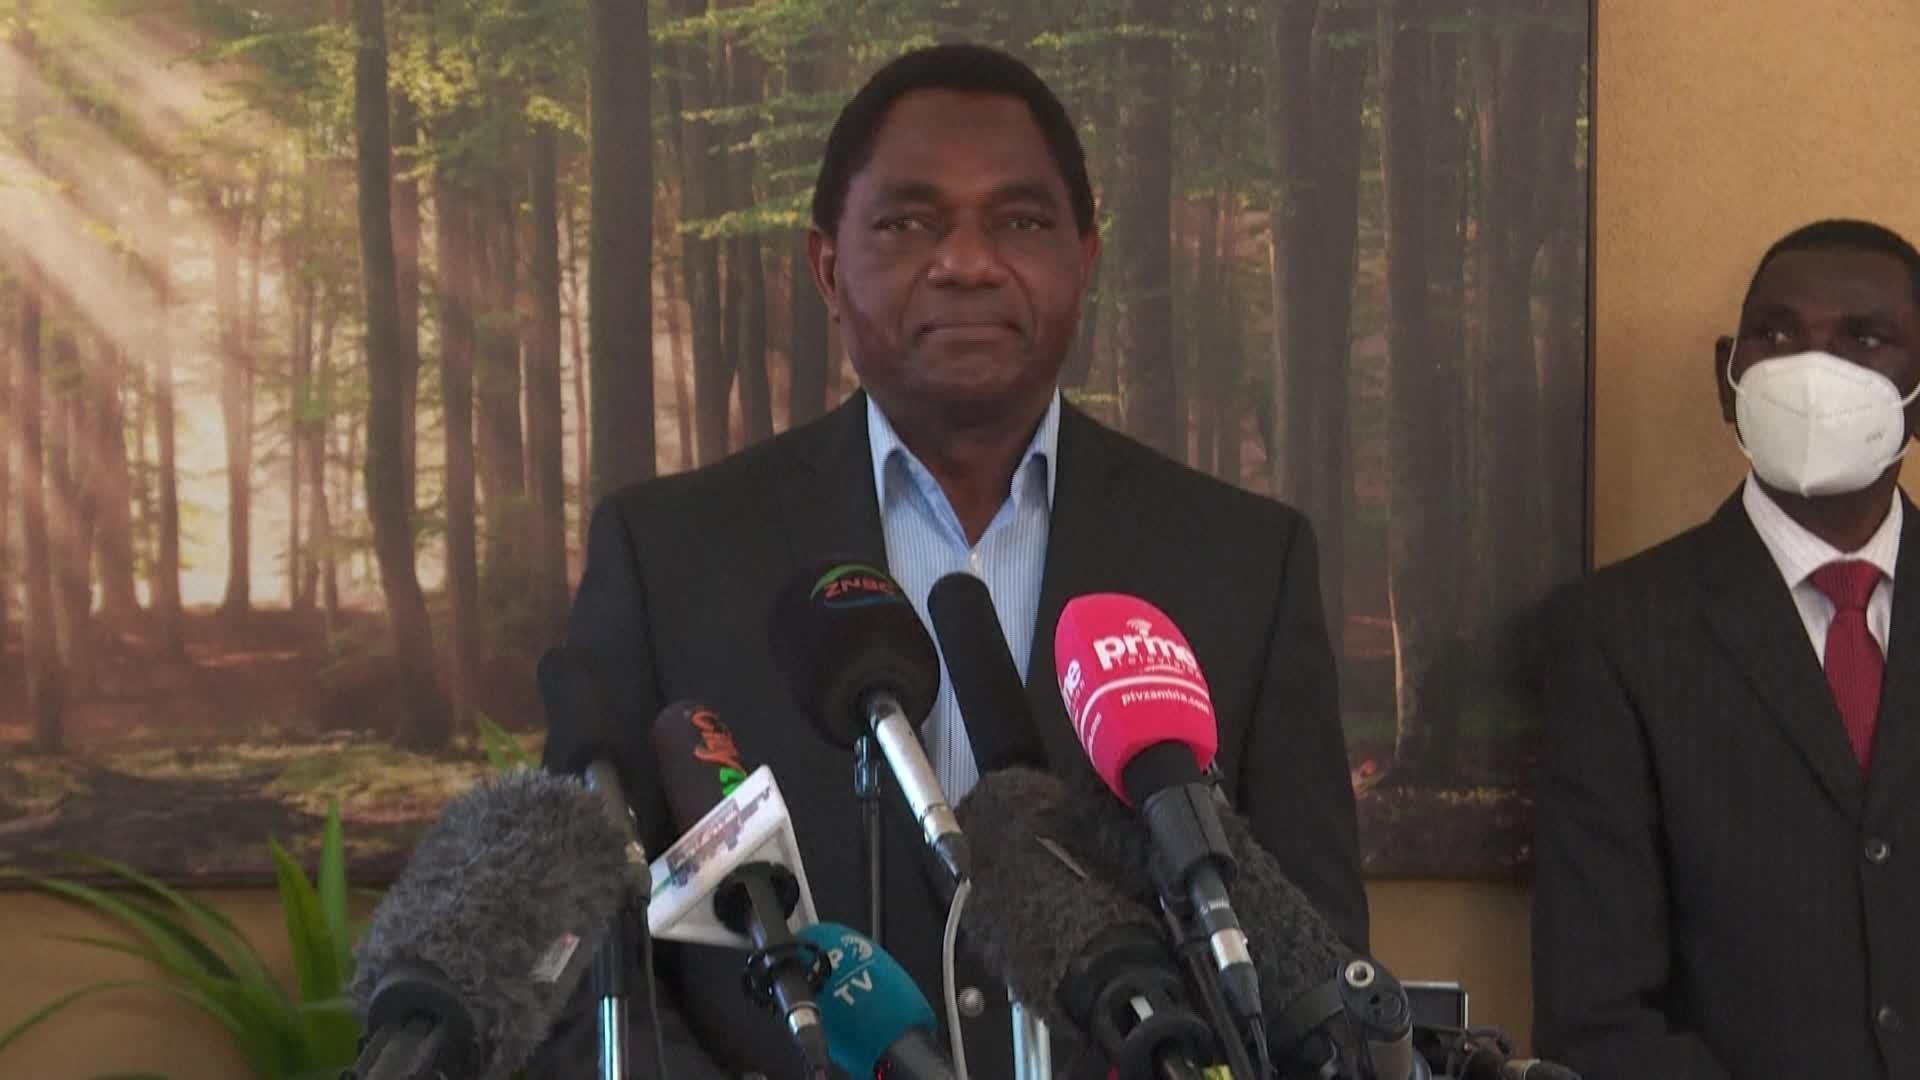 Zambia swears in 'cattle boy' millionaire as new president